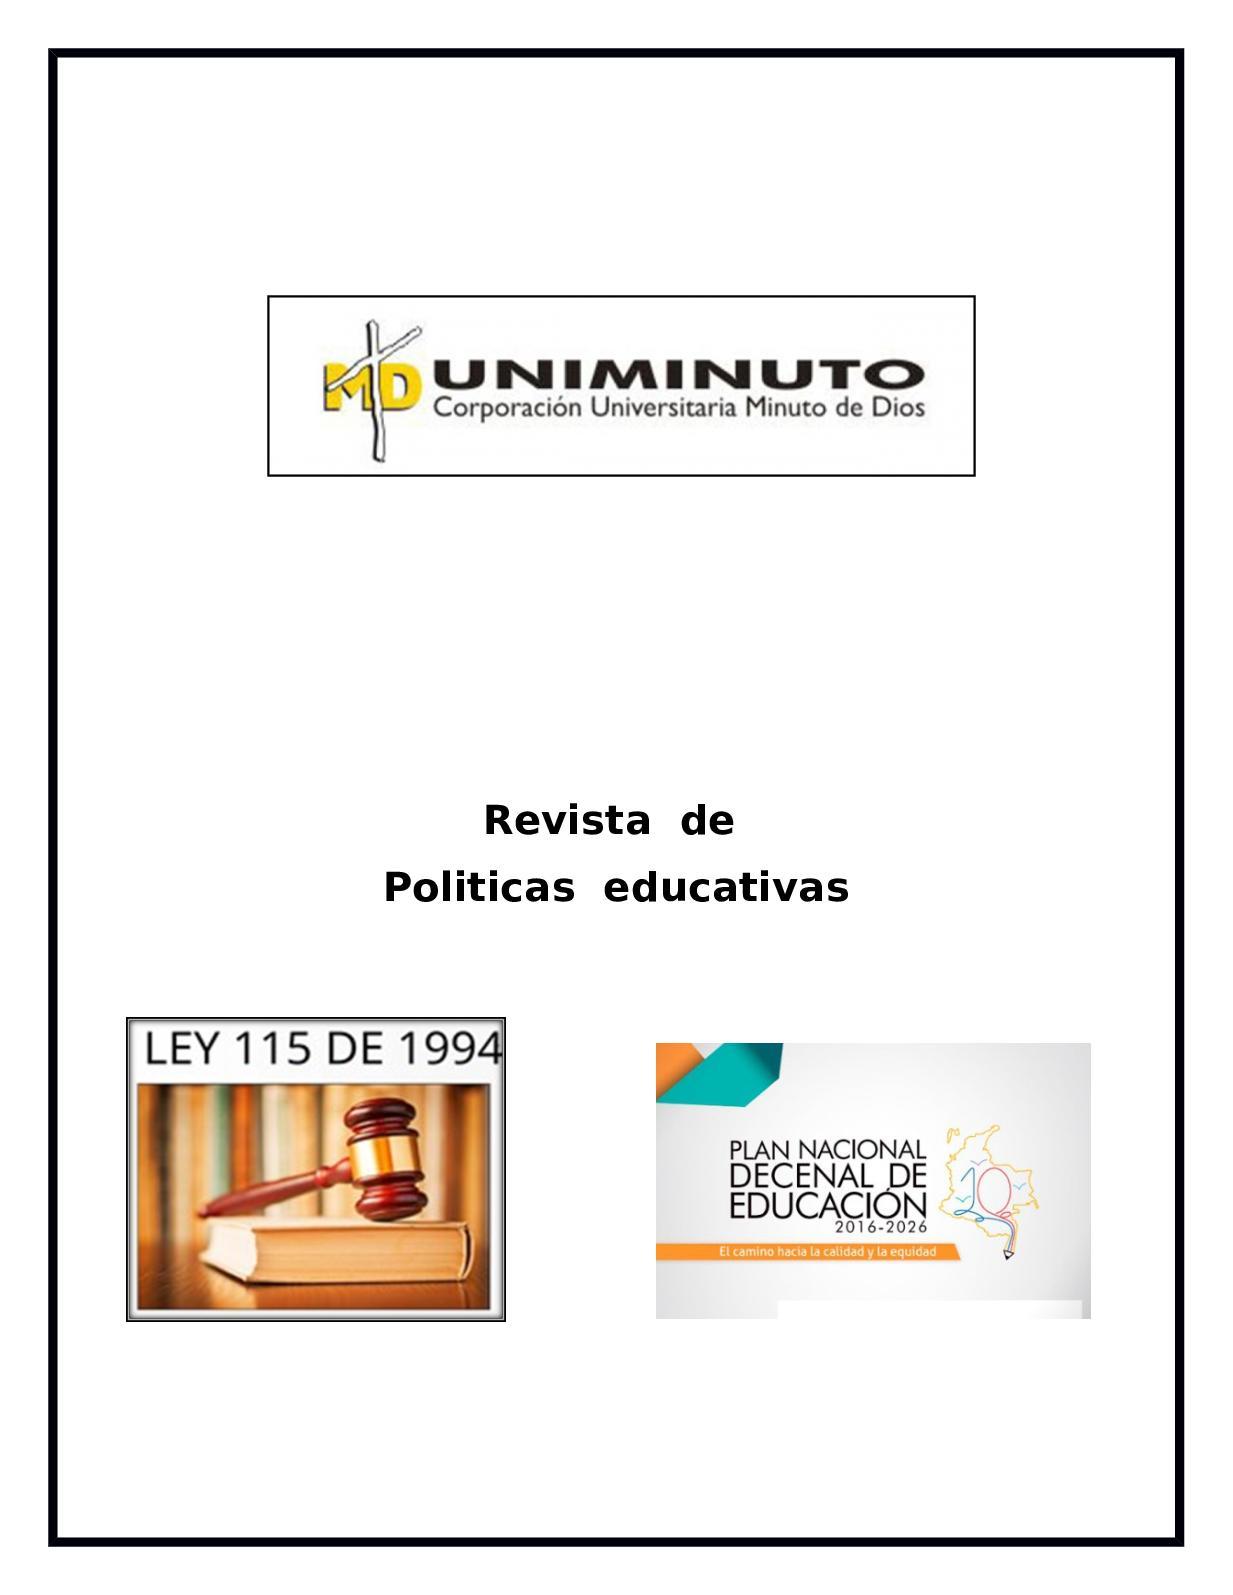 Revista Calameo De Politicas Infografia